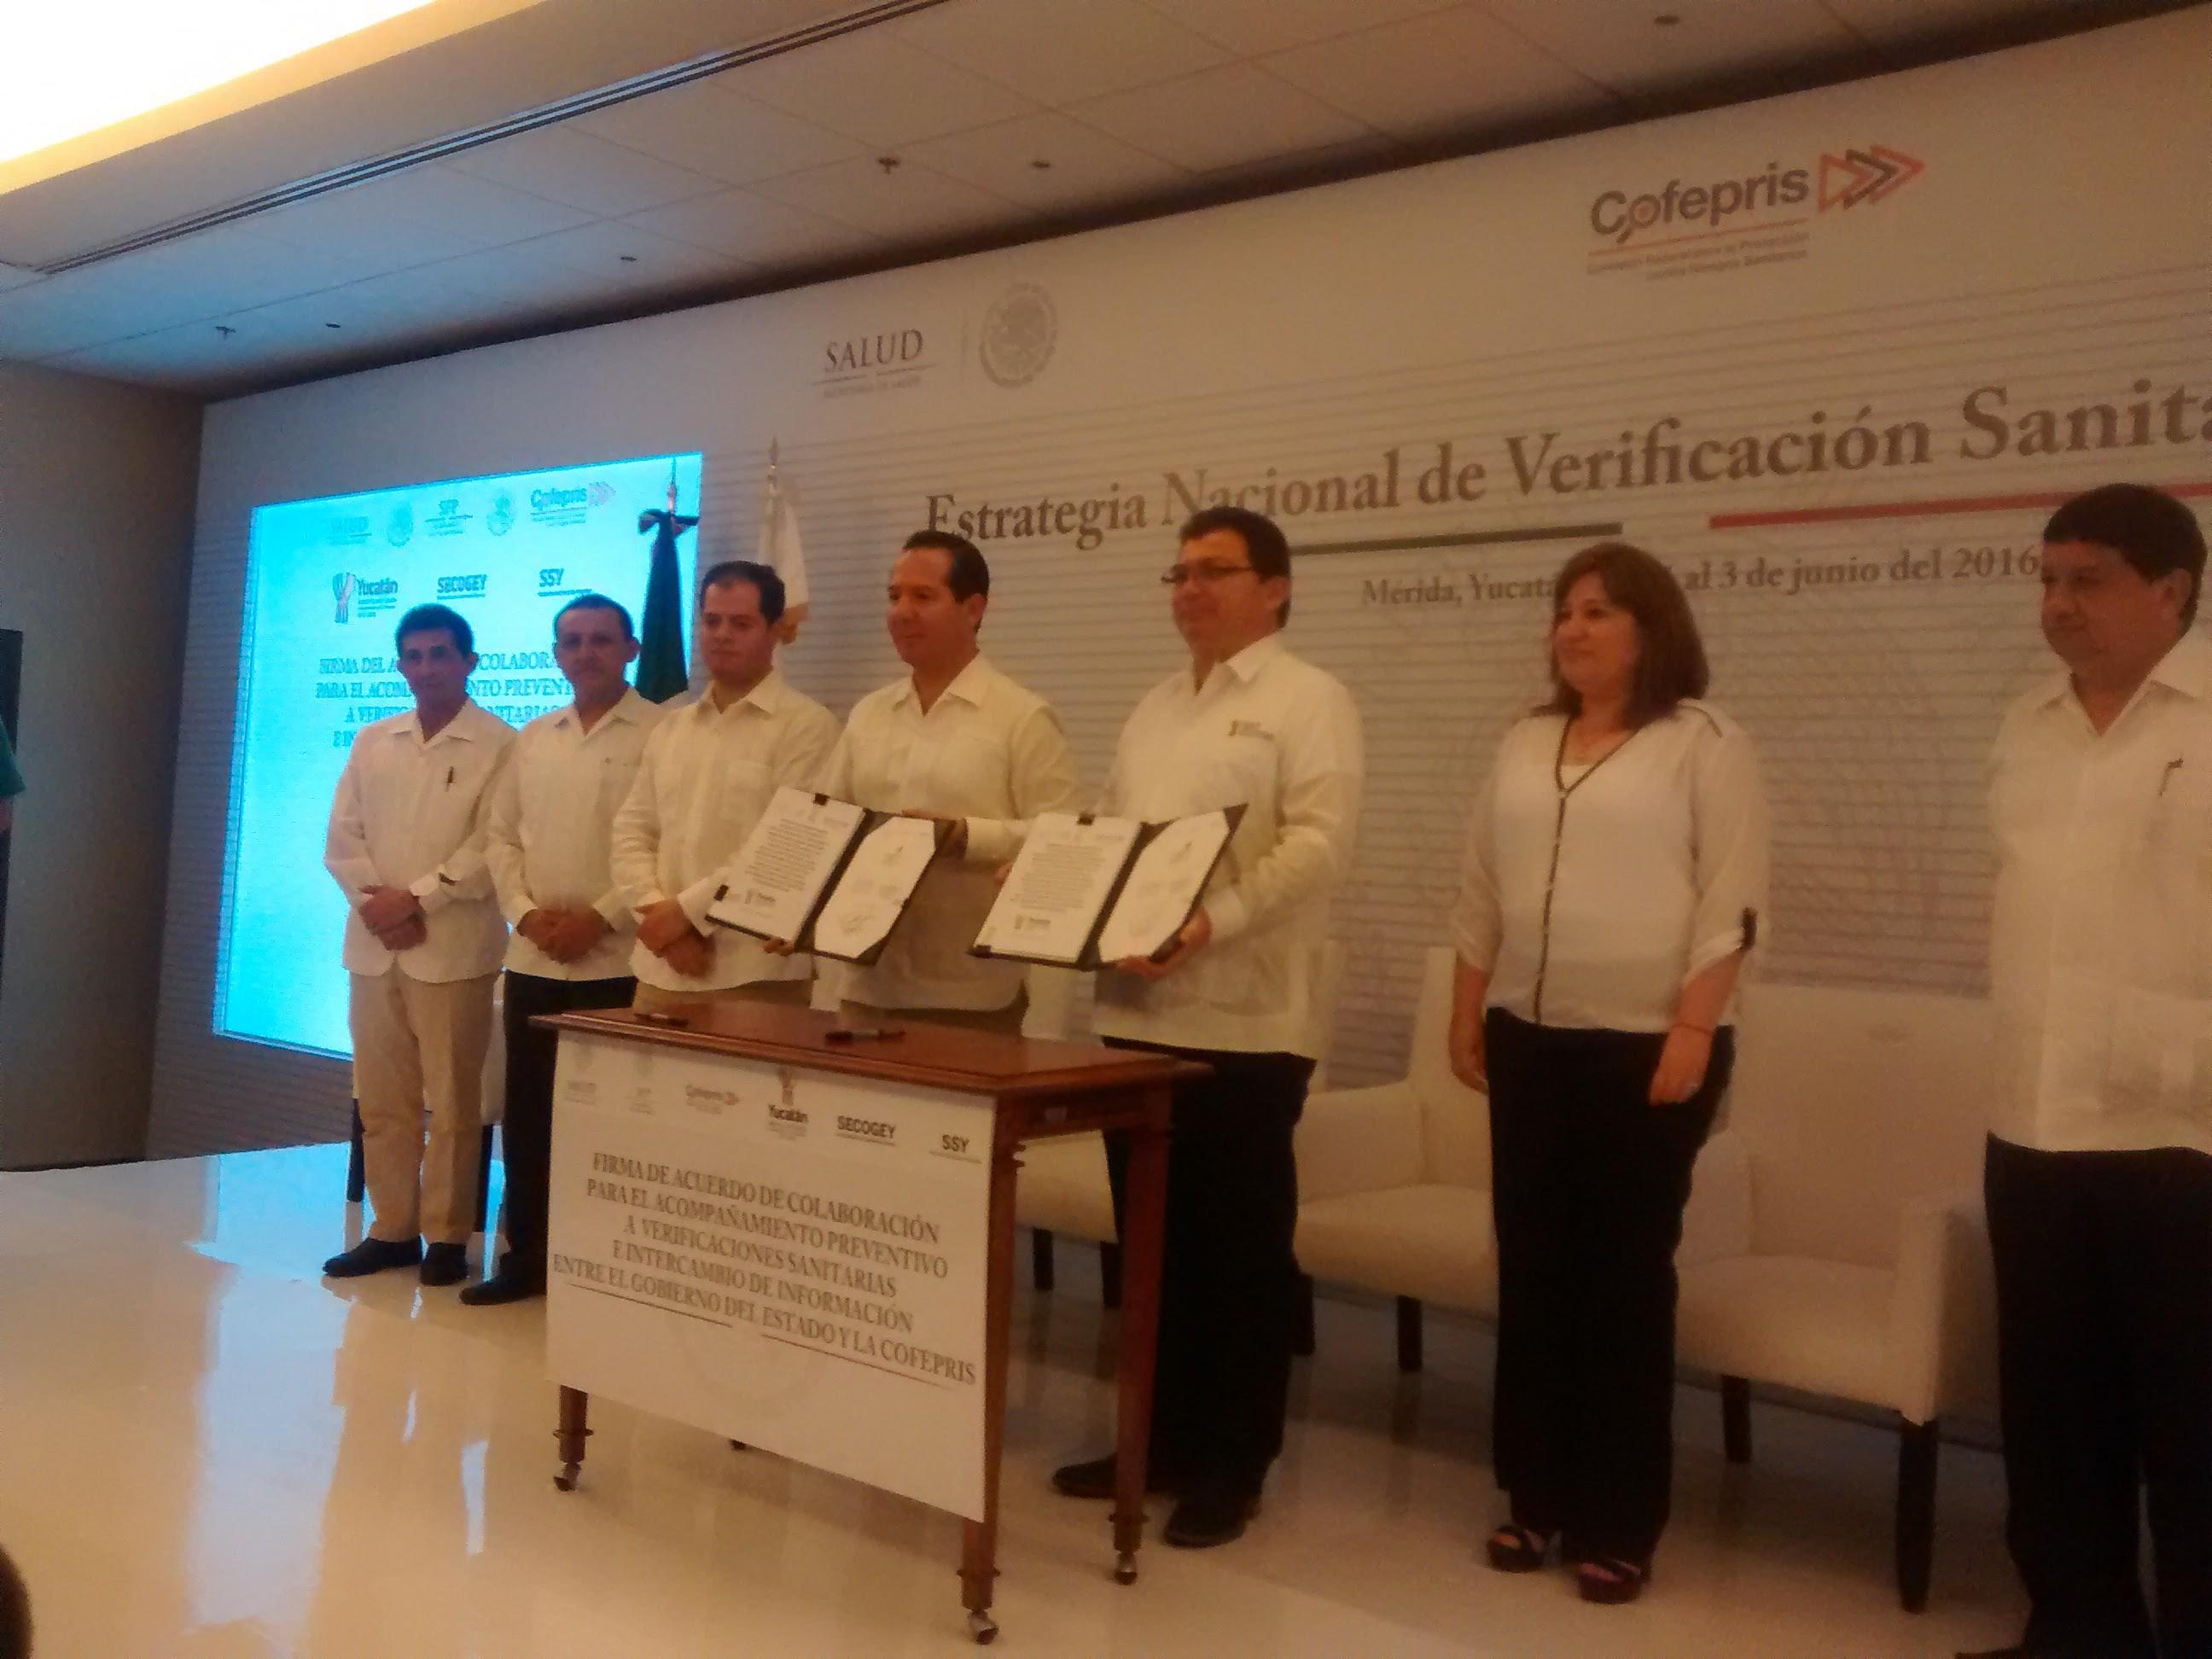 Firman convenio para evitar corrupción en inspecciones sanitarias